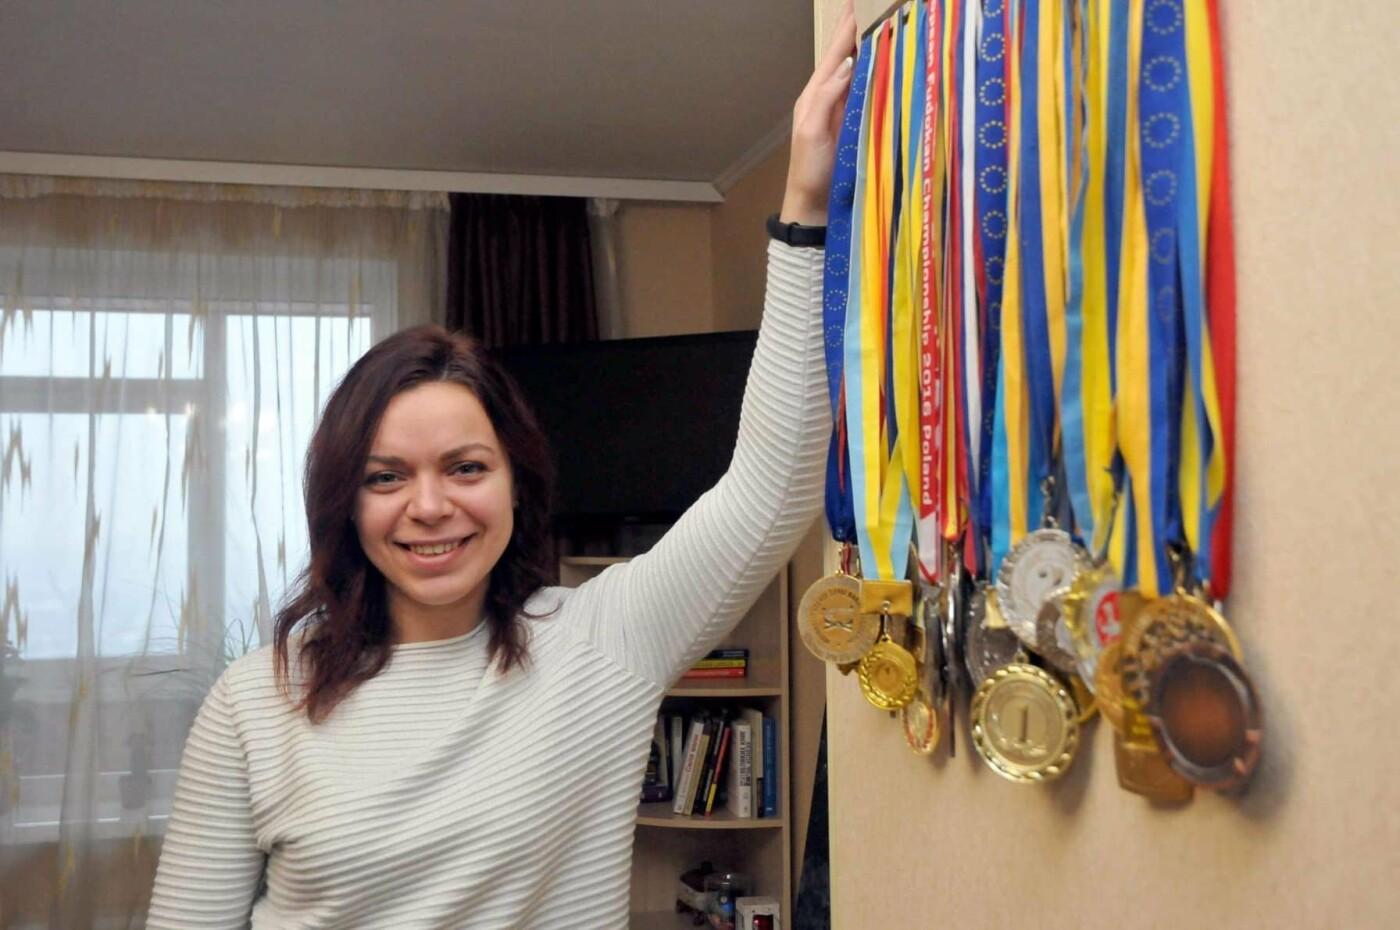 Двукратная чемпионка мира по каратэ Виктория Соколова: Моя мечта осуществилась благодаря Александру Грановскому, фото-1